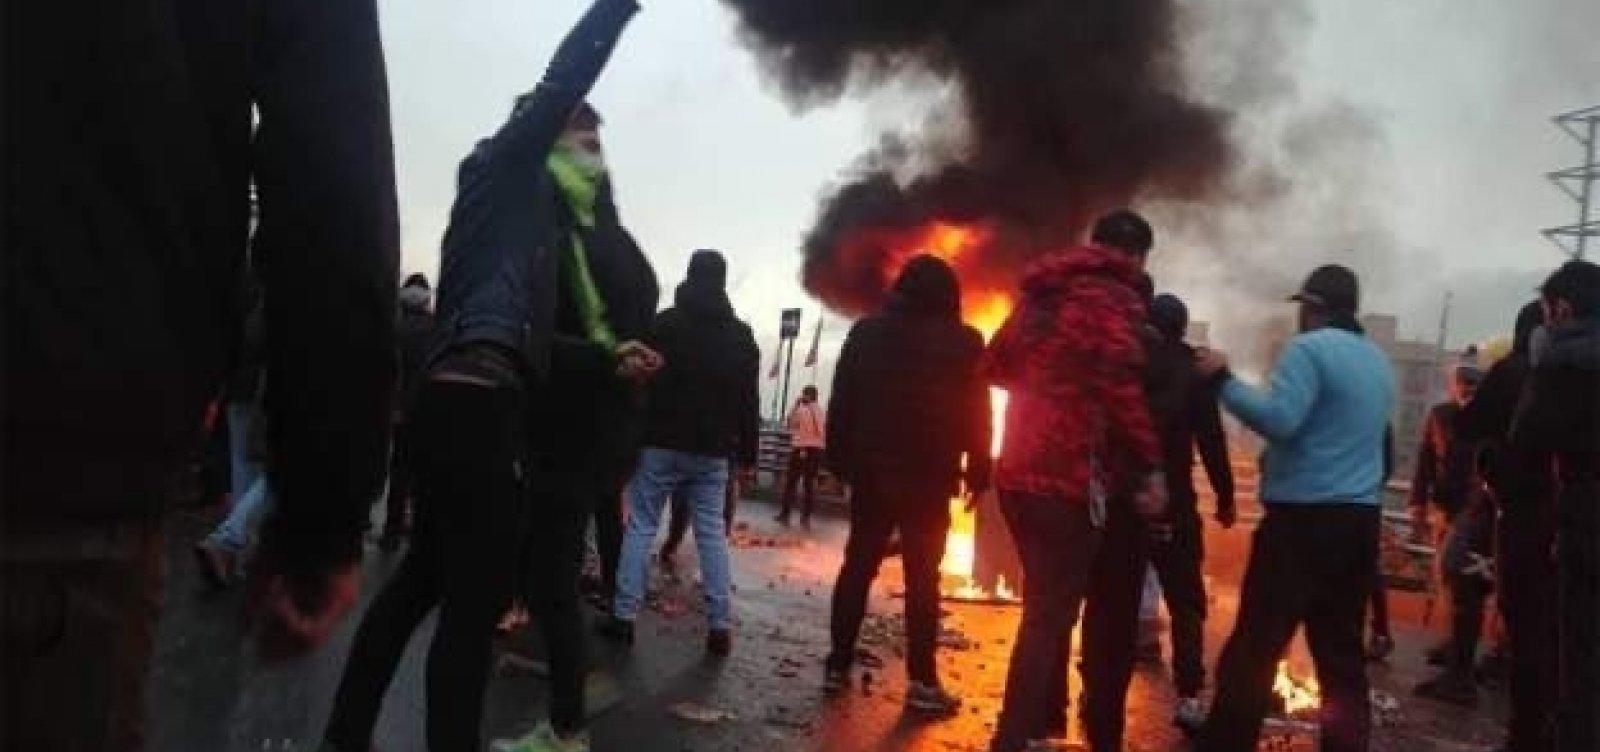 [Mais de 100 pessoas morreram em confrontos no Irã, segundo Anistia Internacional]